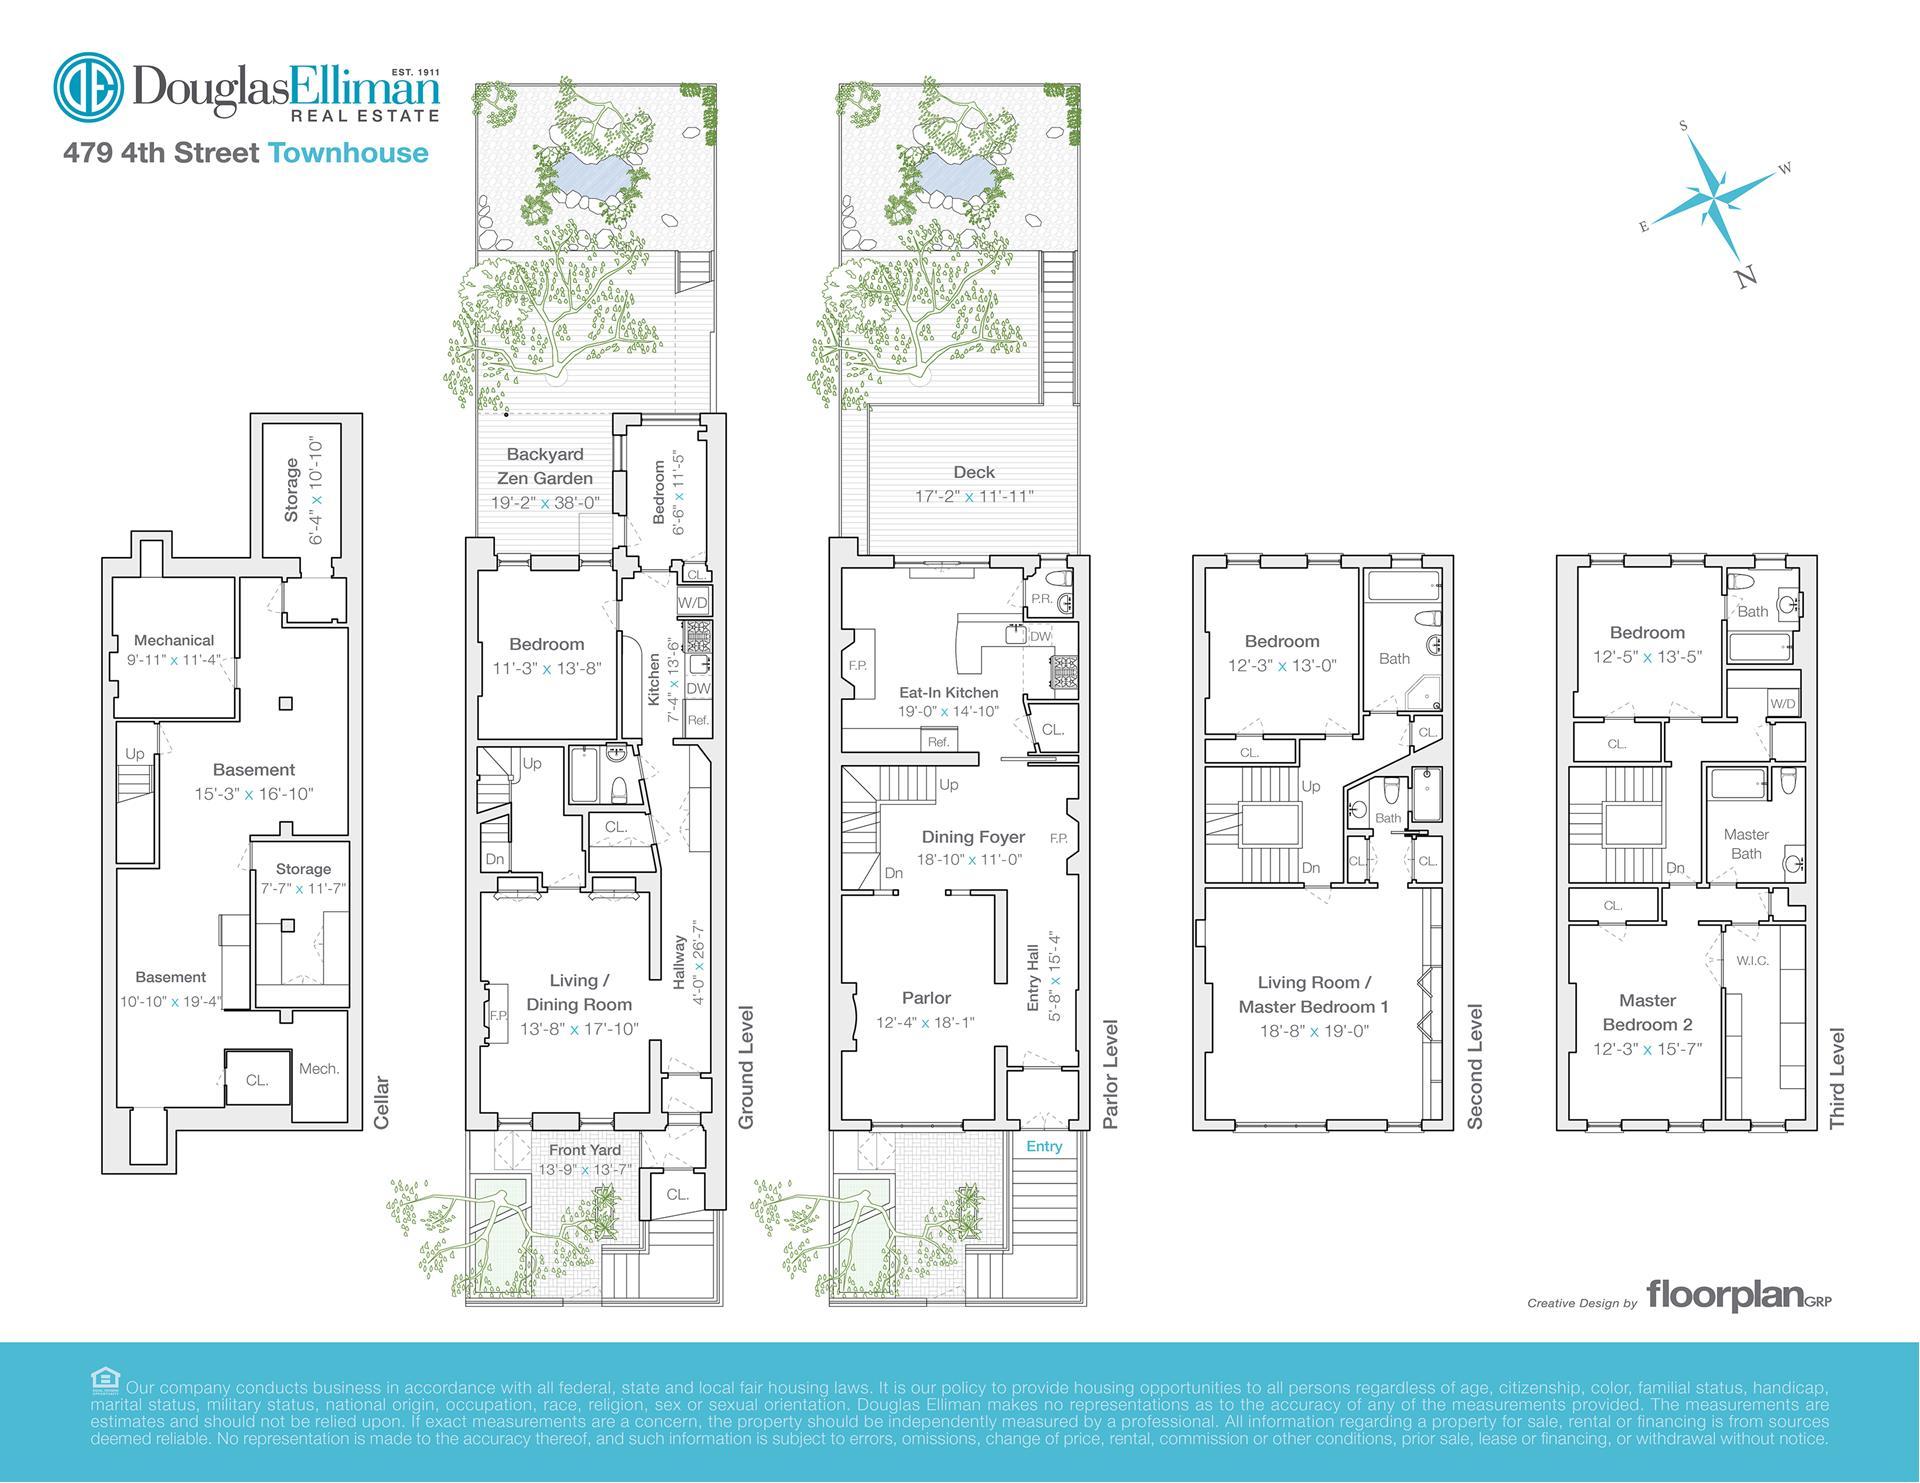 Floor plan of 479 4th St - Park Slope, New York